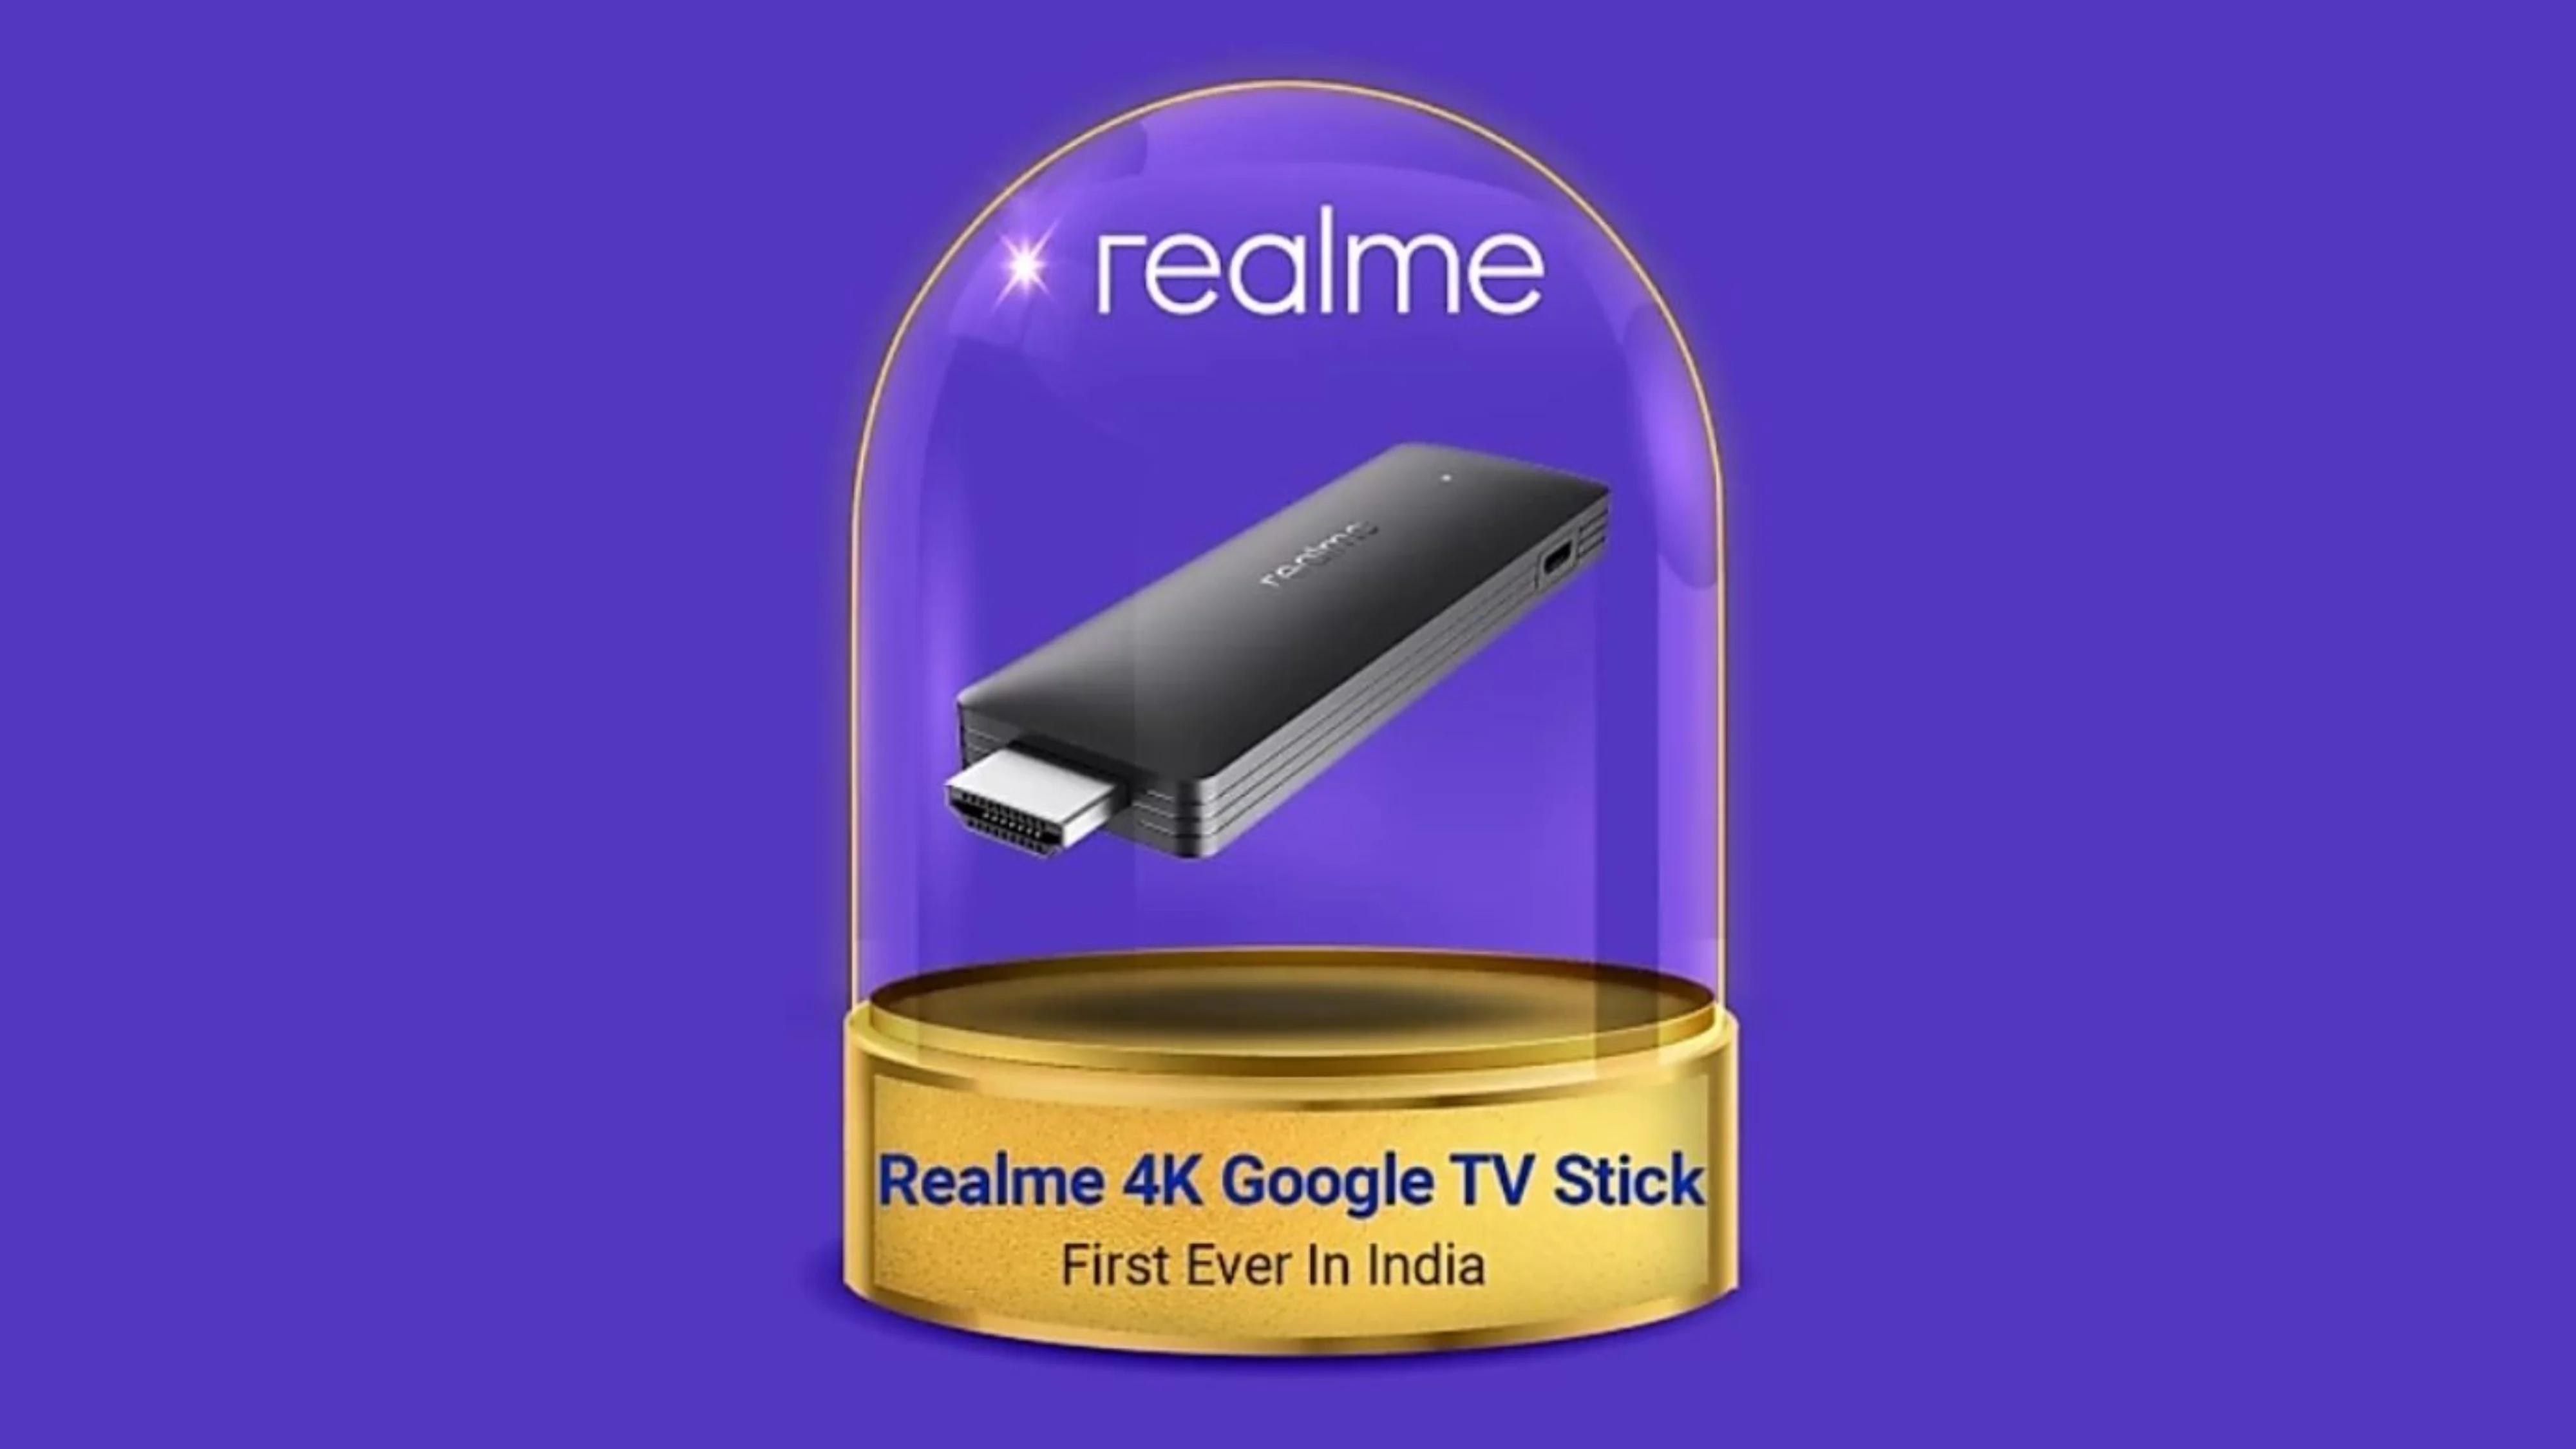 Первый ТВ-стик Realme значительно превосходит Xiaomi Mi TV Stick и Chromecast with Google TV: он имеет вдвое больше памяти